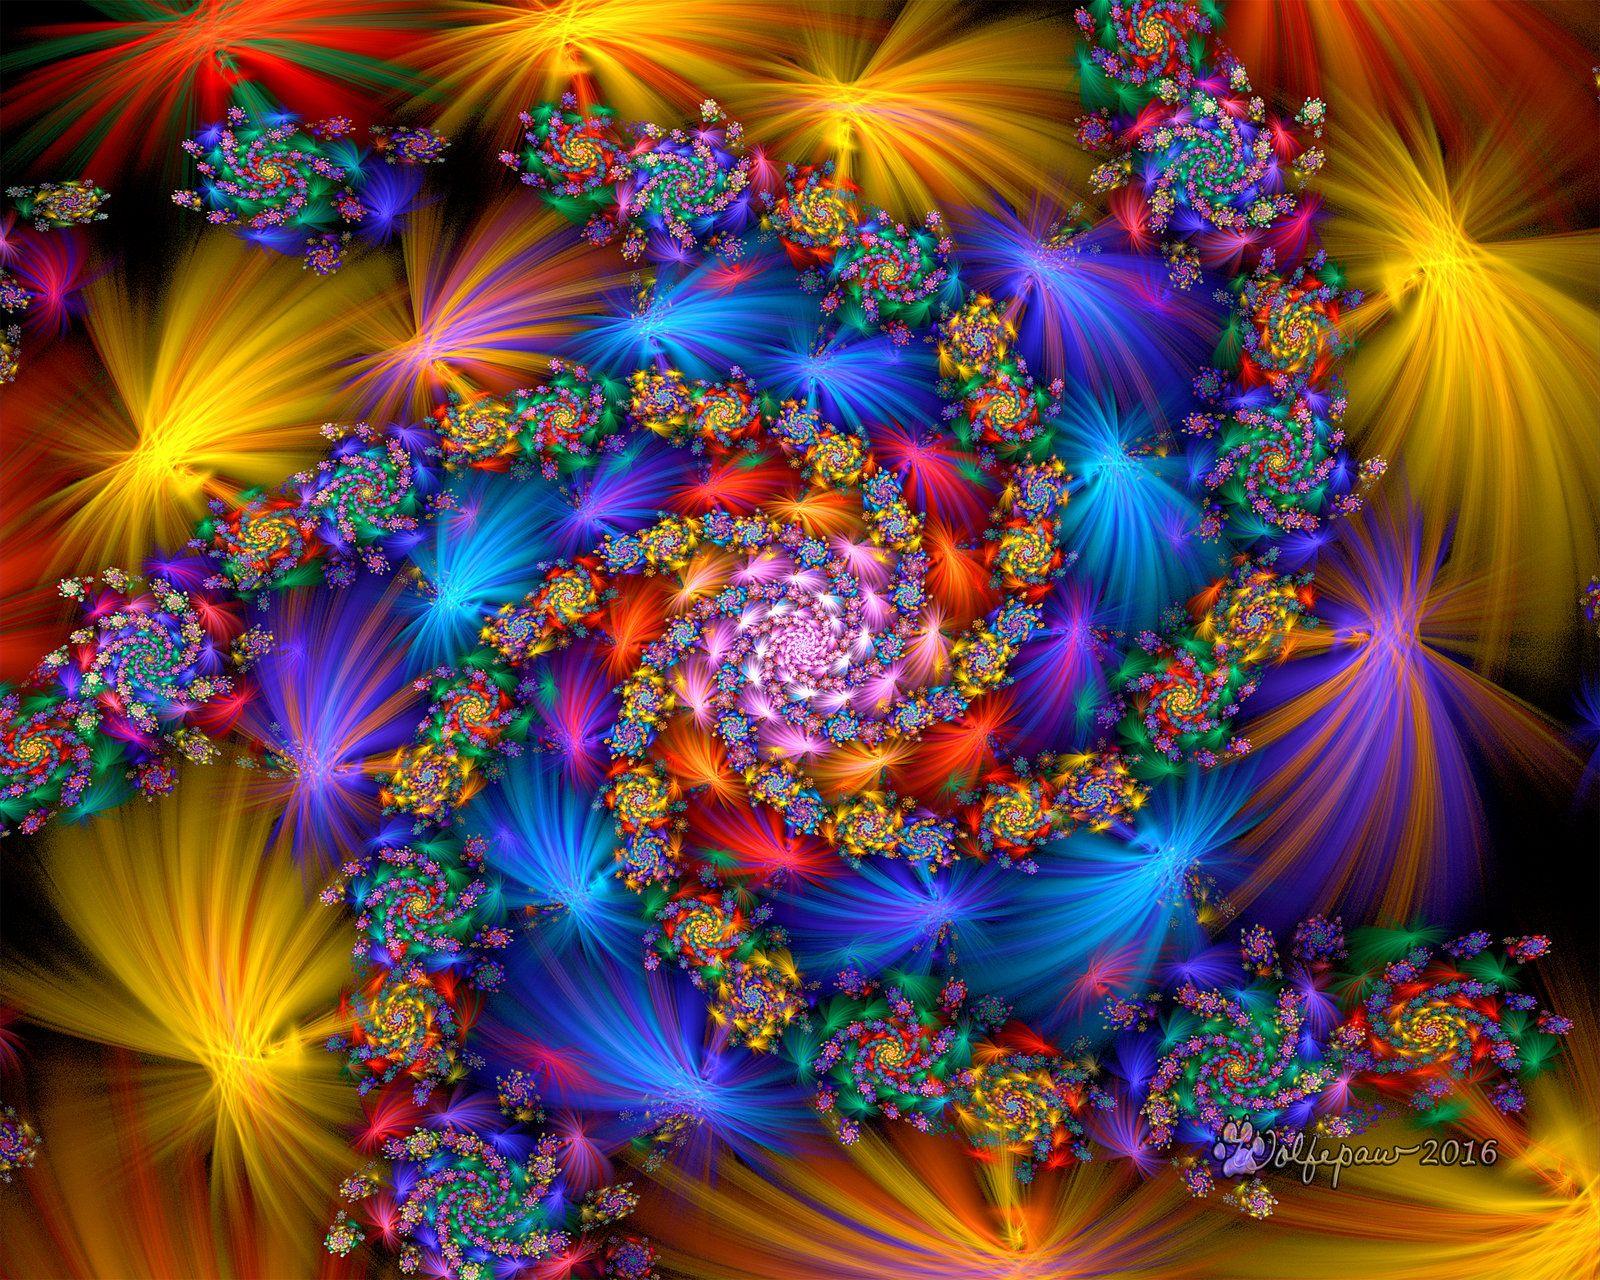 Rainbow Elliptic Spiral by wolfepaw.deviantart.com on @DeviantArt ...